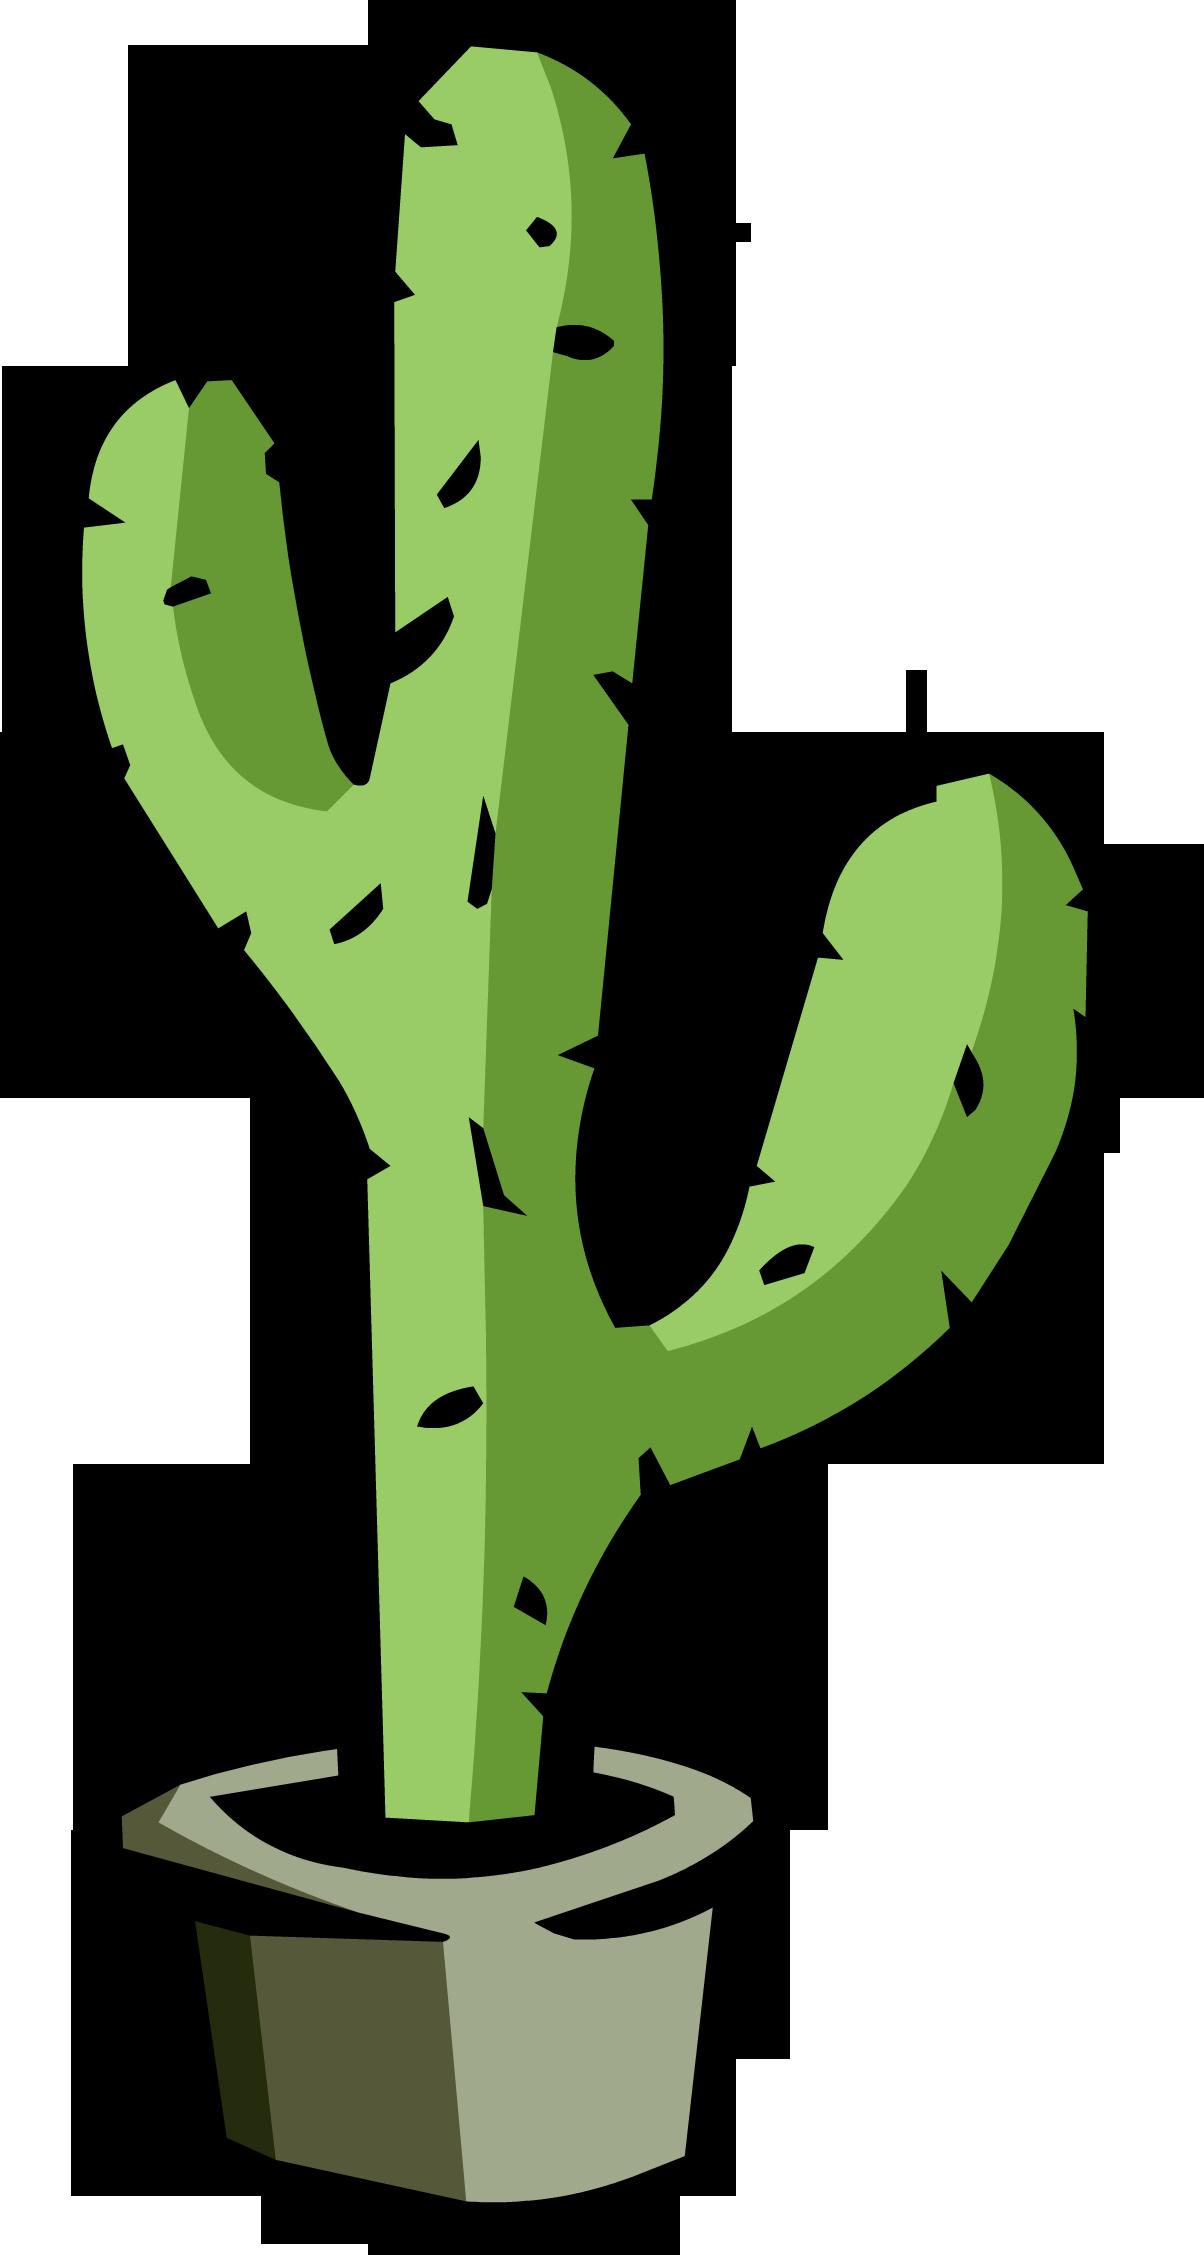 PNG Kaktus - 51750